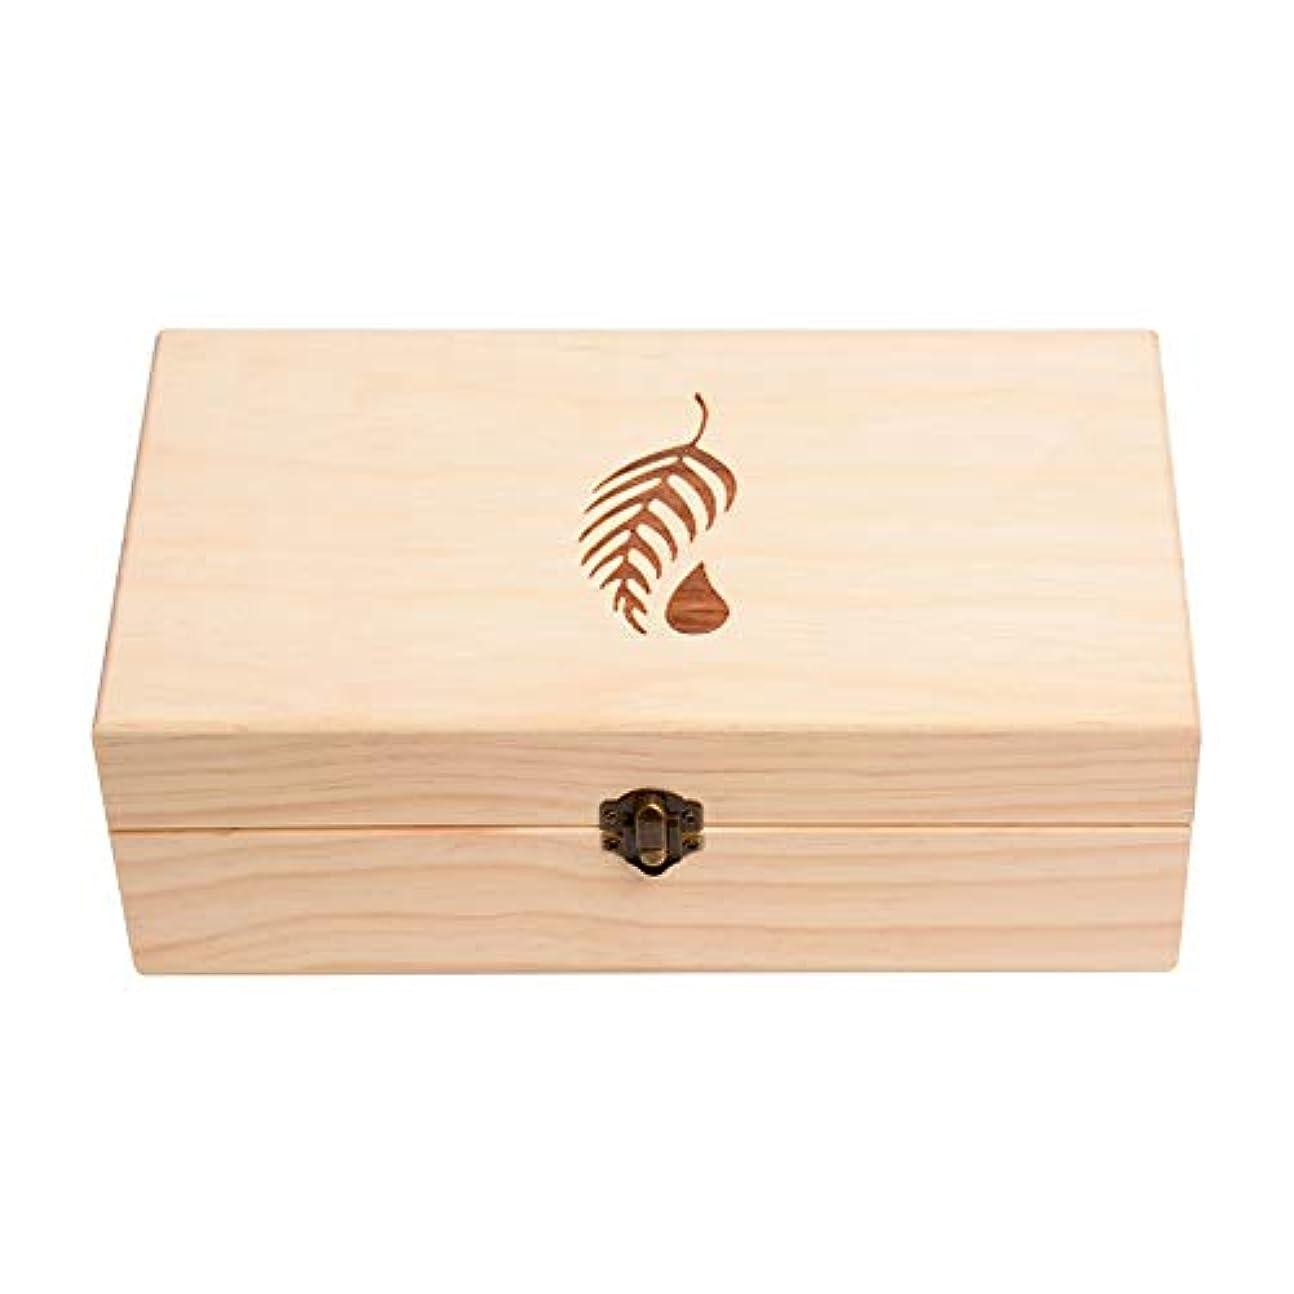 財団挑む安定エッセンシャルオイルストレージボックス 25スロット木エッセンシャルオイル箱ケースオーガナイザーパーフェクトエッセンシャルオイルケース 旅行およびプレゼンテーション用 (色 : Natural, サイズ : 27.5X15X10CM)